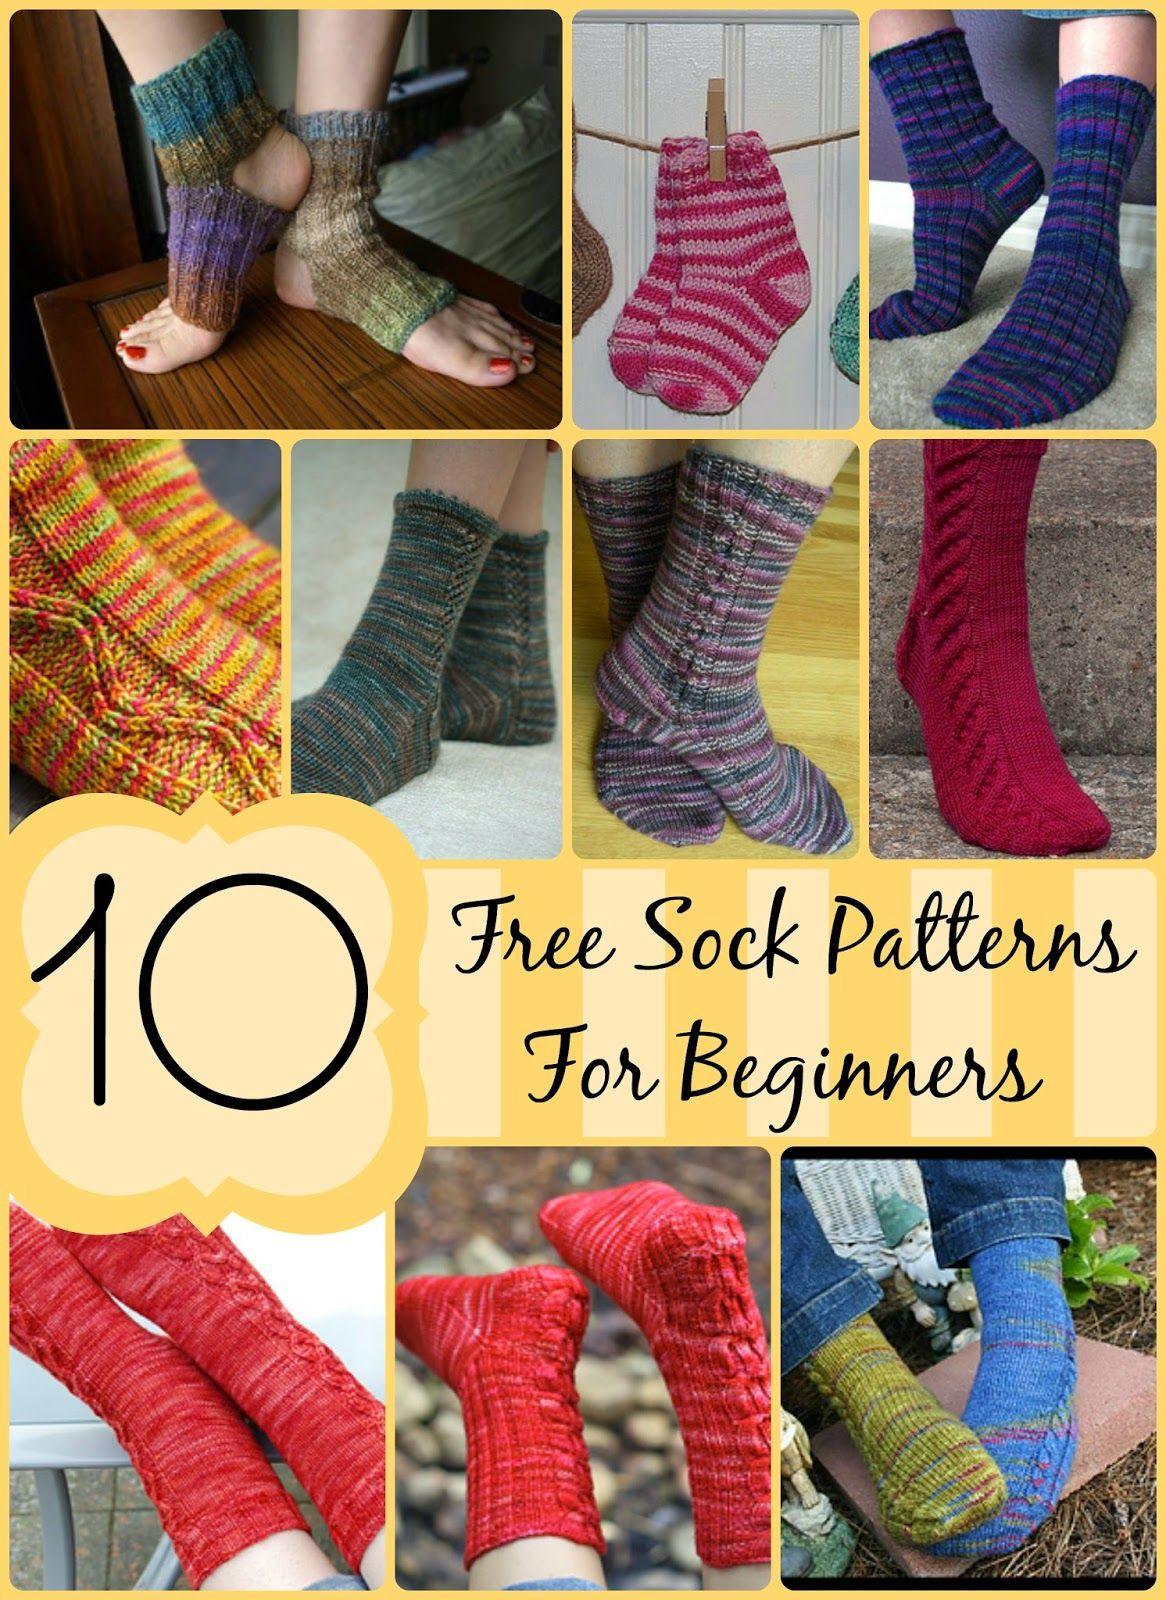 Chaleur: Sock Patterns for Beginners | DIY | Pinterest | Socks ...